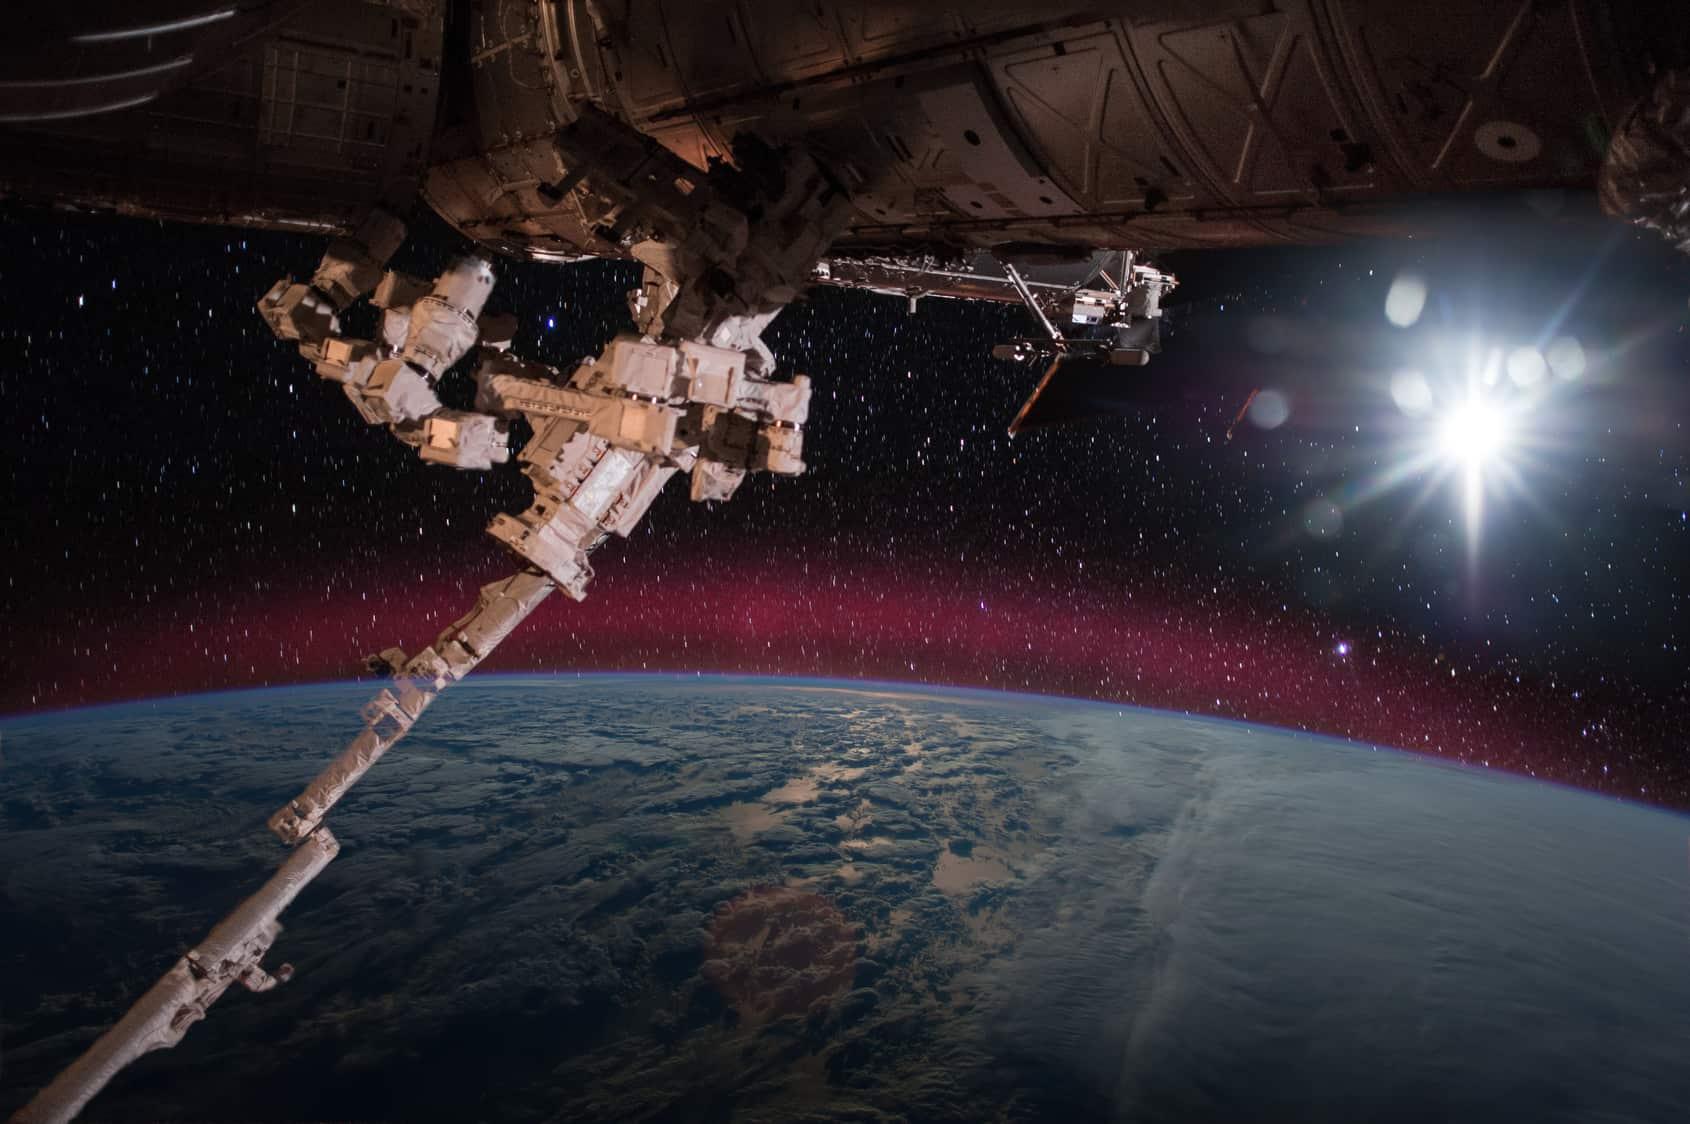 SCT informó que este Centro permitirá construir en Zacatecas una nueva e innovadora vocación productiva de alto valor agregado en el tema de telecomunicaciones espaciales.